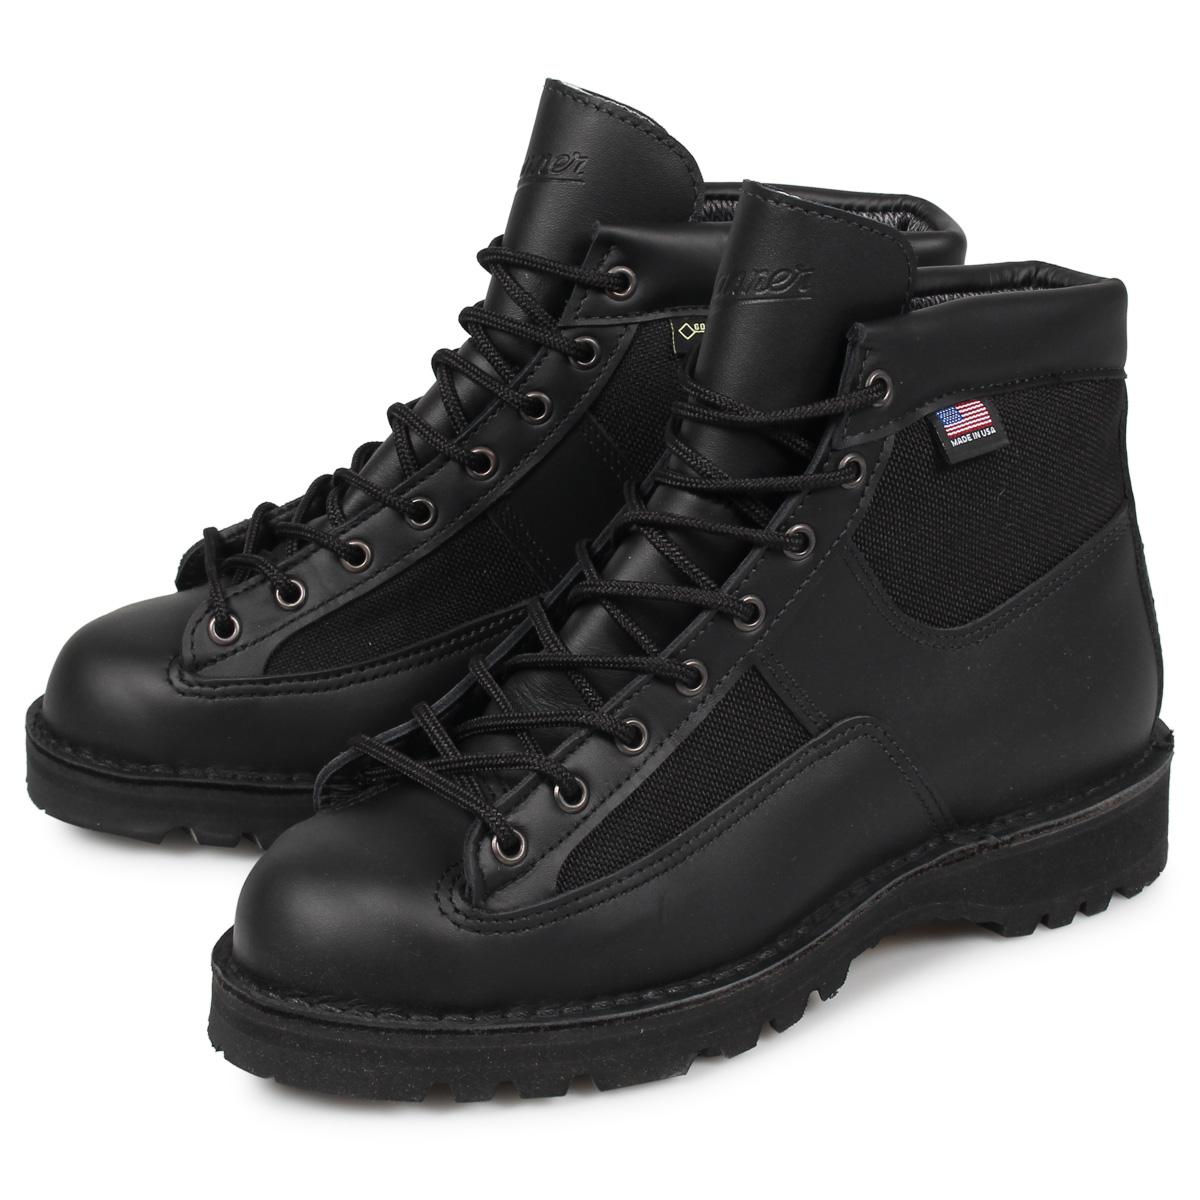 Danner PATROL 6 ダナー パトロール 6 ブーツ メンズ MADE IN USA EEワイズ ブラック 黒 25200